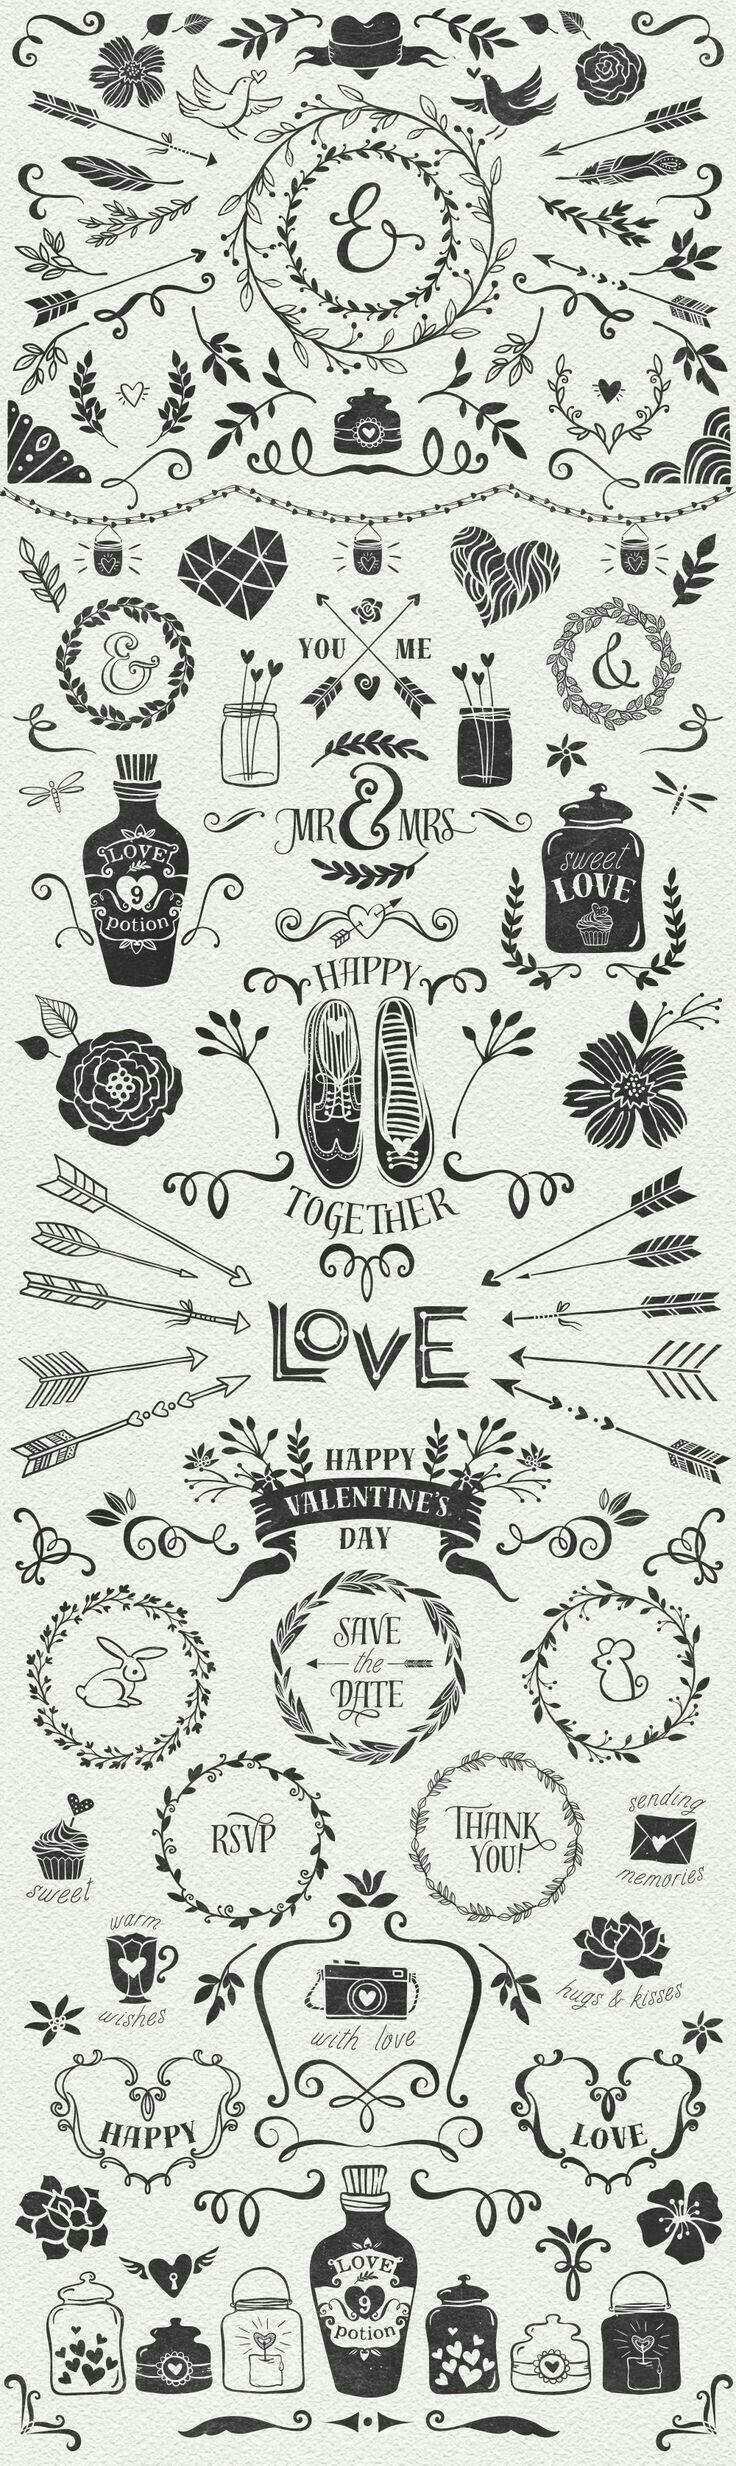 Cosas que me parecen romanticas